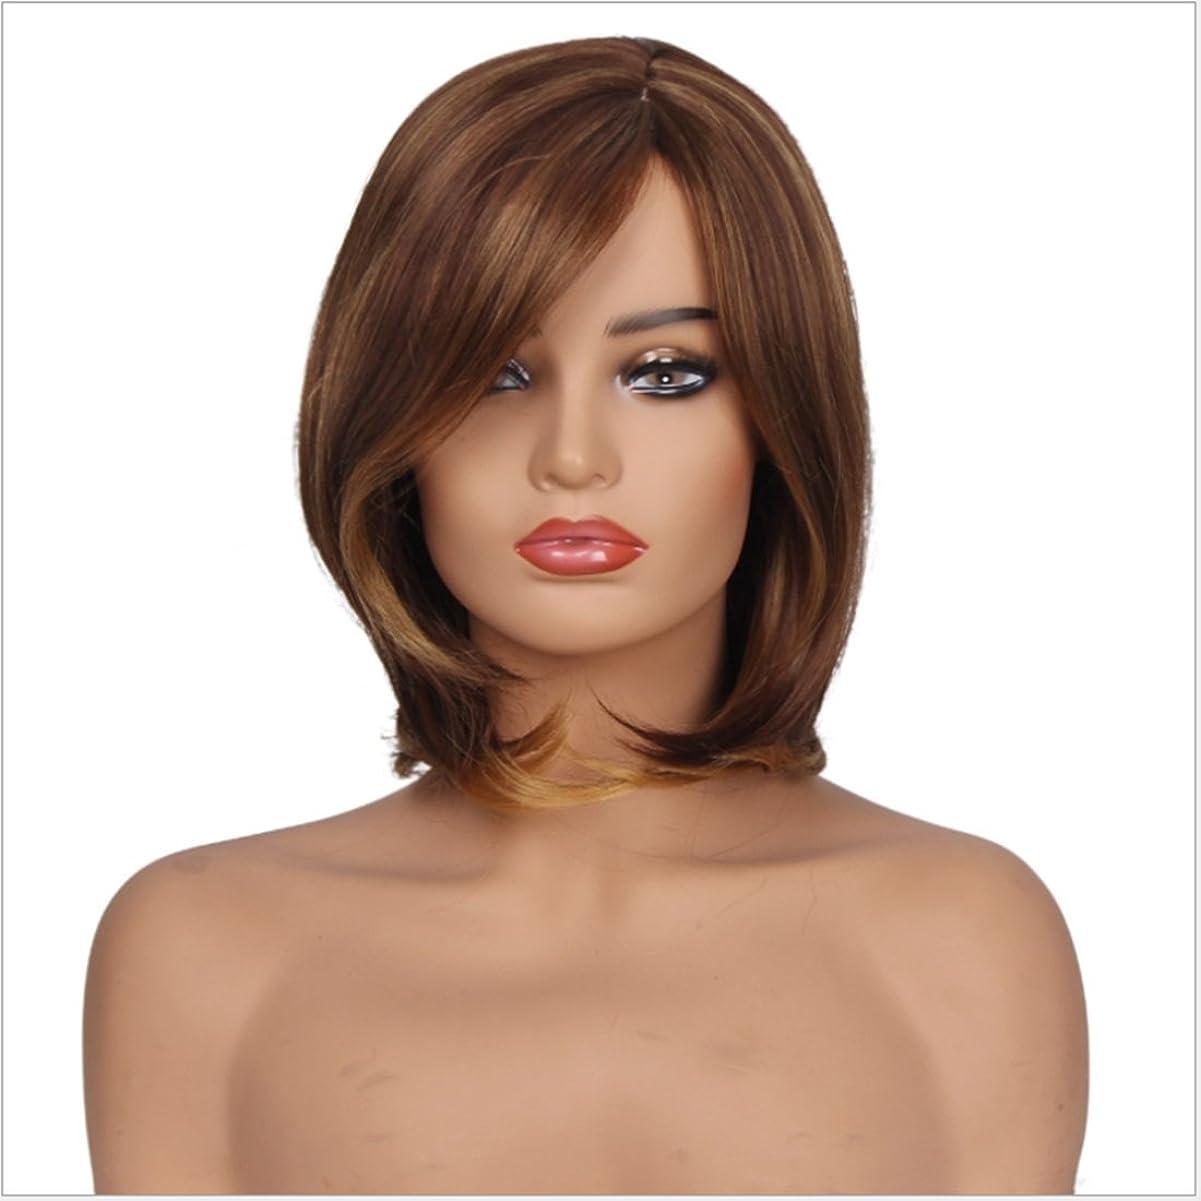 解釈する指令避けられないBOBIDYEE 女性のための茶色がかった黒のかつら斜めの前髪が付いている内部のバックルショートかつら14インチの長さのファッションかつらのための耐熱性かつら (色 : Brownish black)